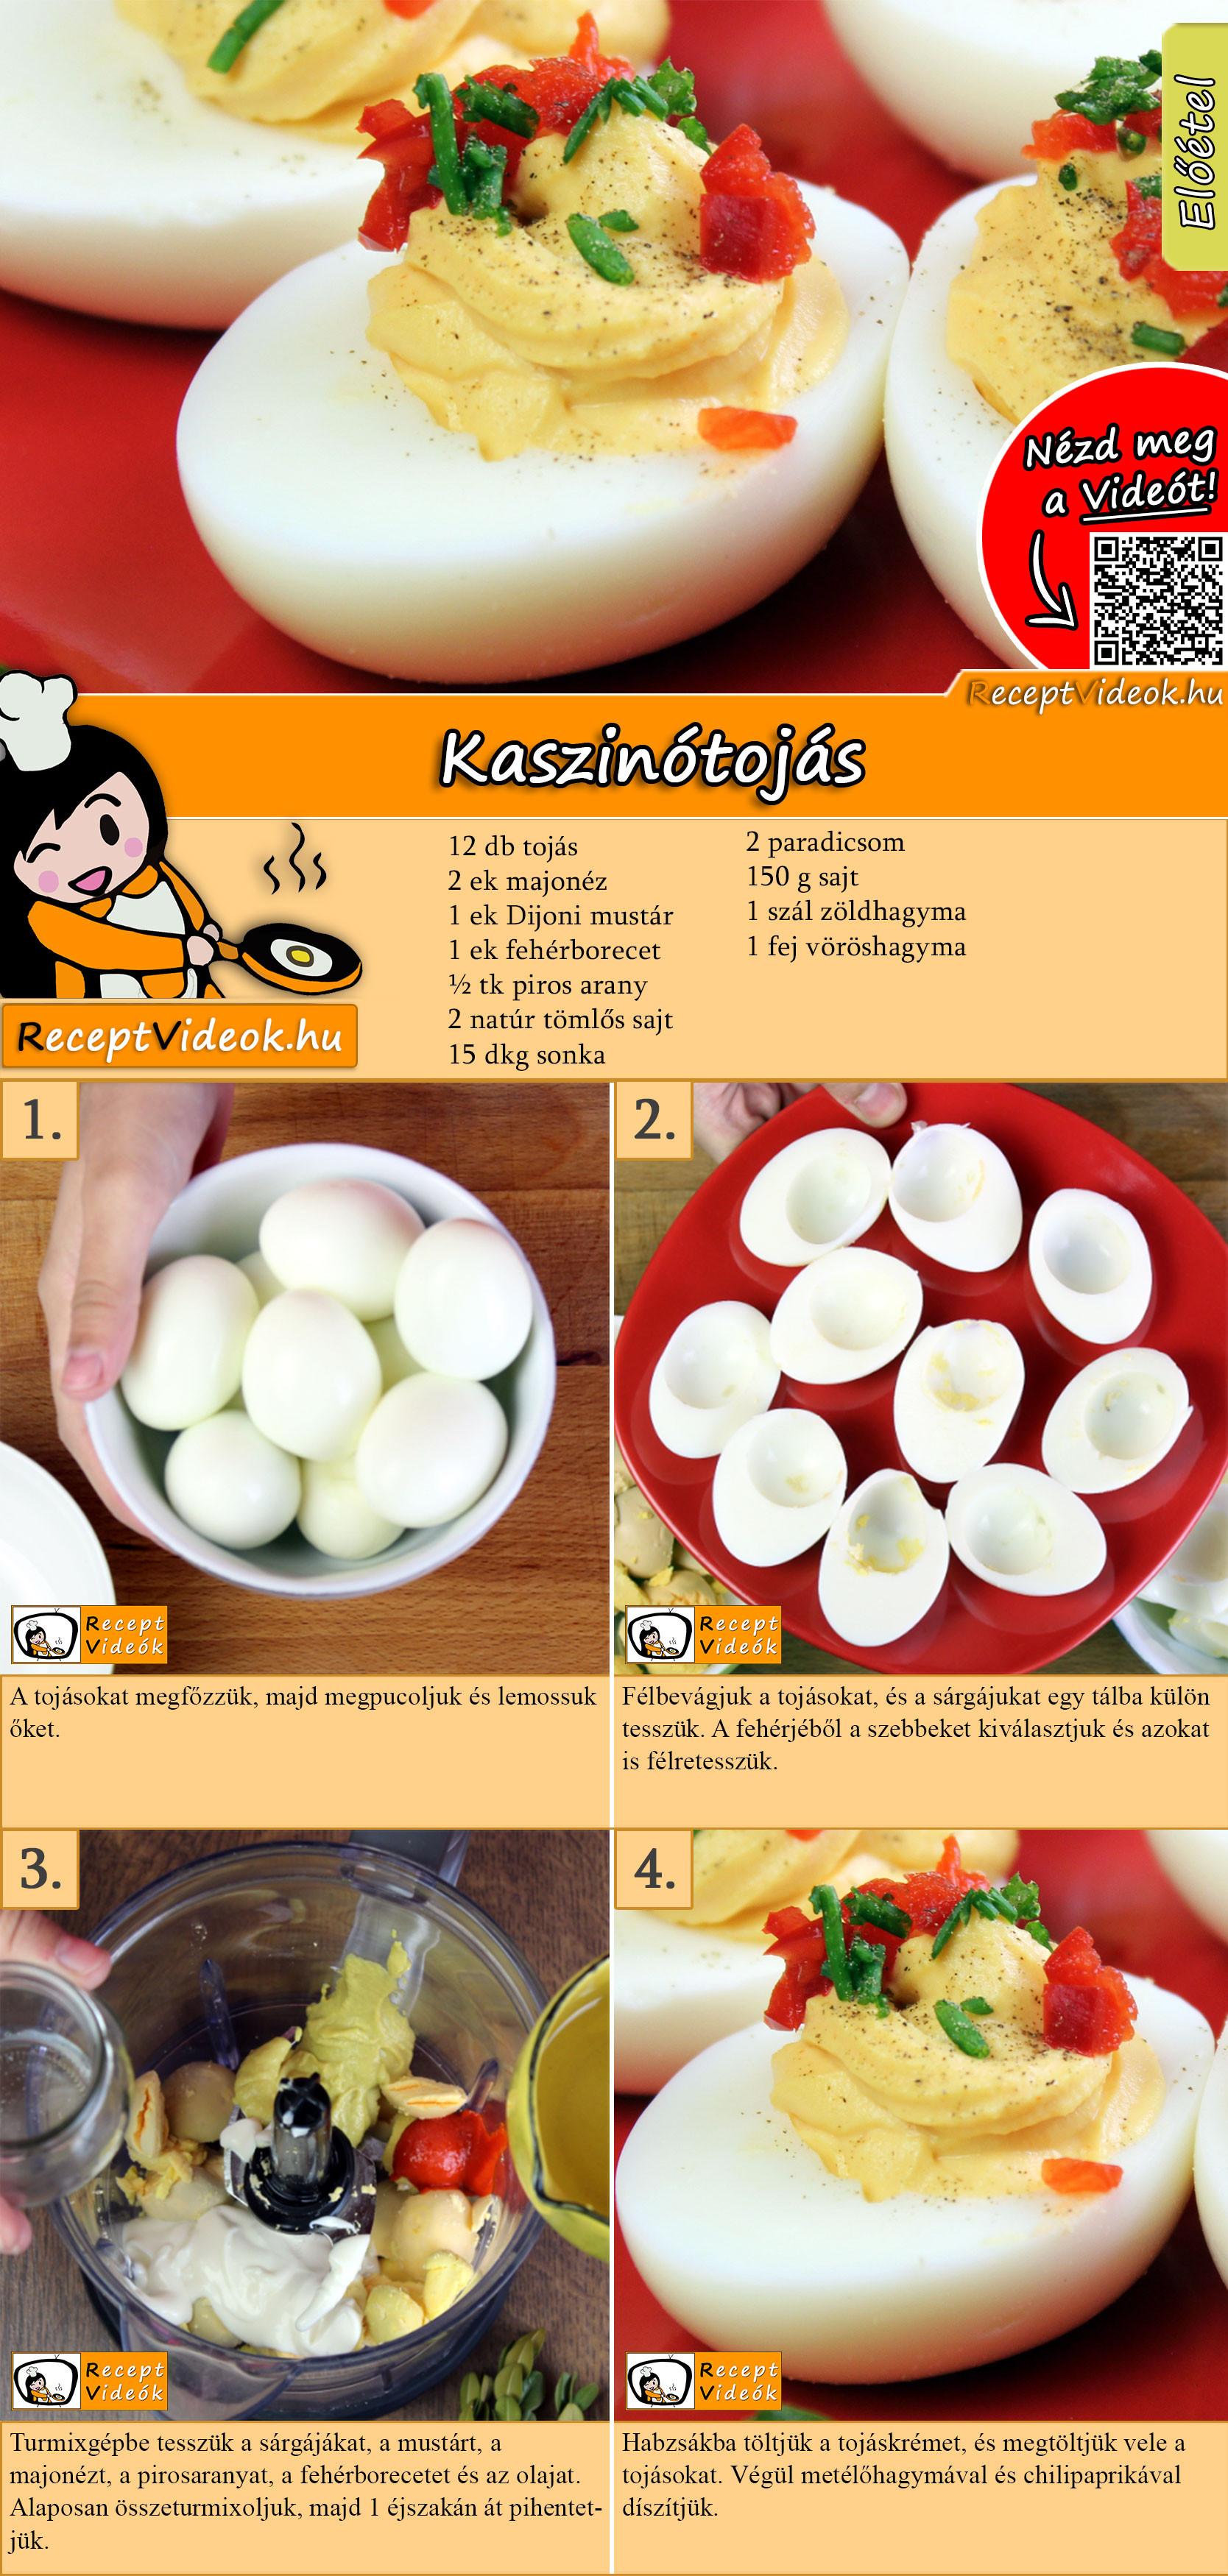 Kaszinótojás recept elkészítése videóval